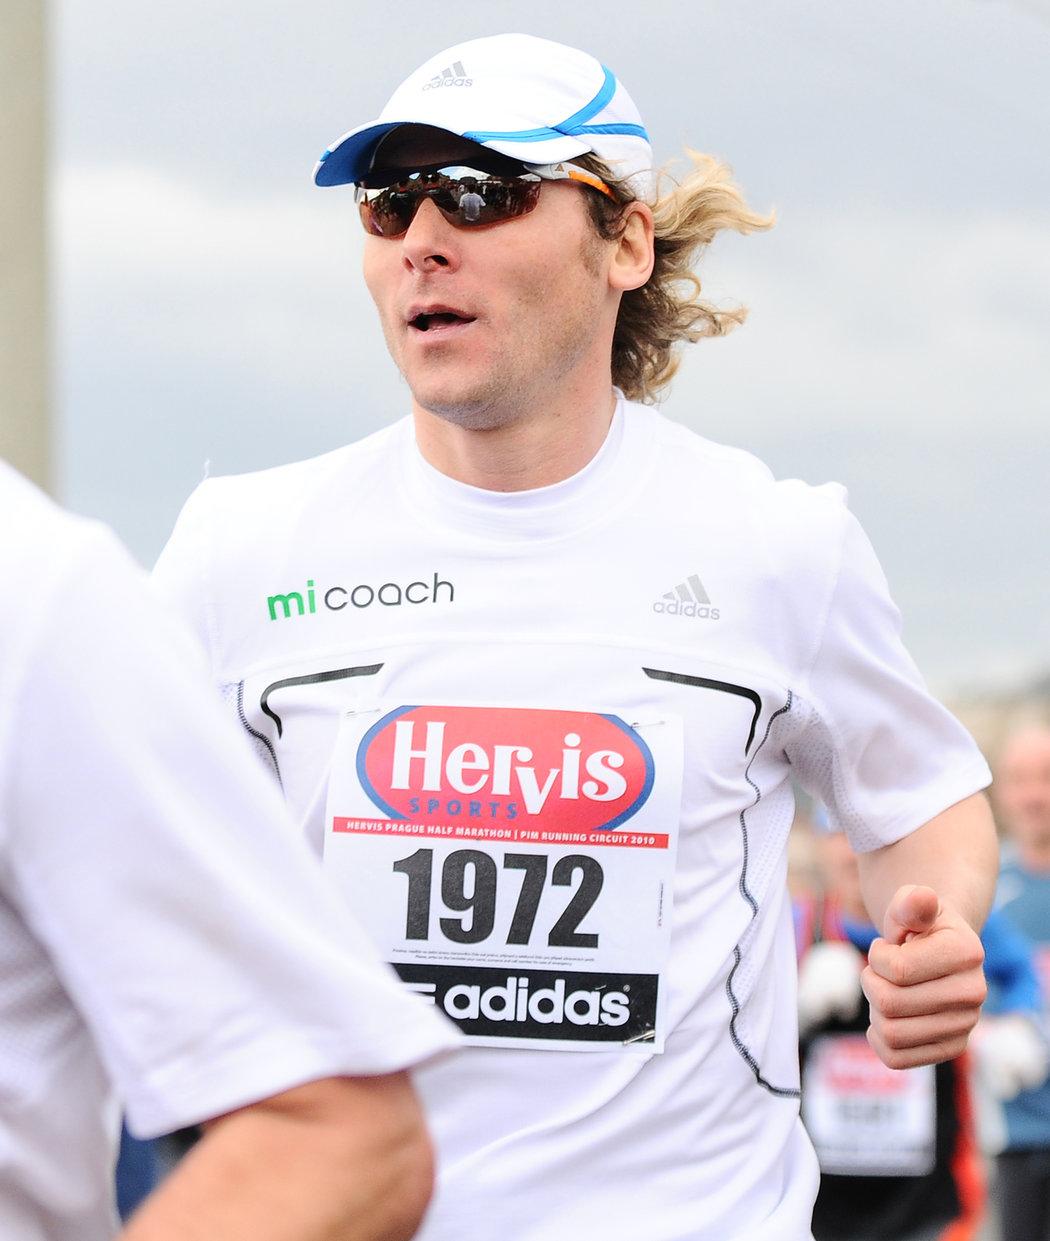 2010. Po hráčské kariéře si zkusil Pavel Nedvěd půlmaraton v Praze.